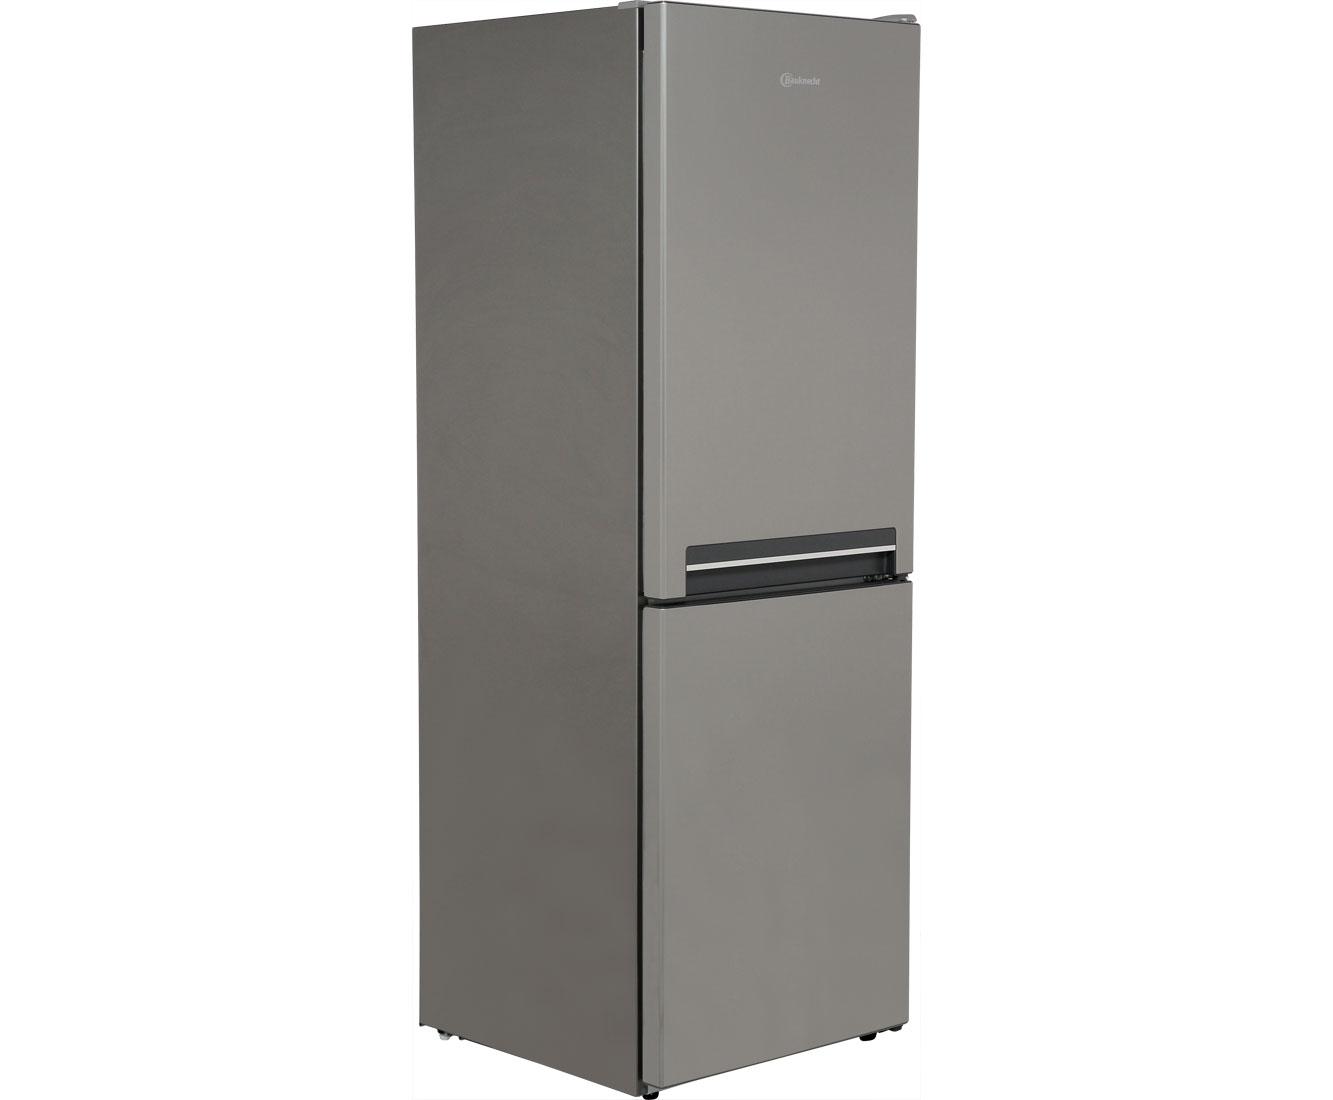 Mini Kühlschrank Für Tetrapack : Dometic myfridge mf m milch kühler für kaffee automaten kaffee